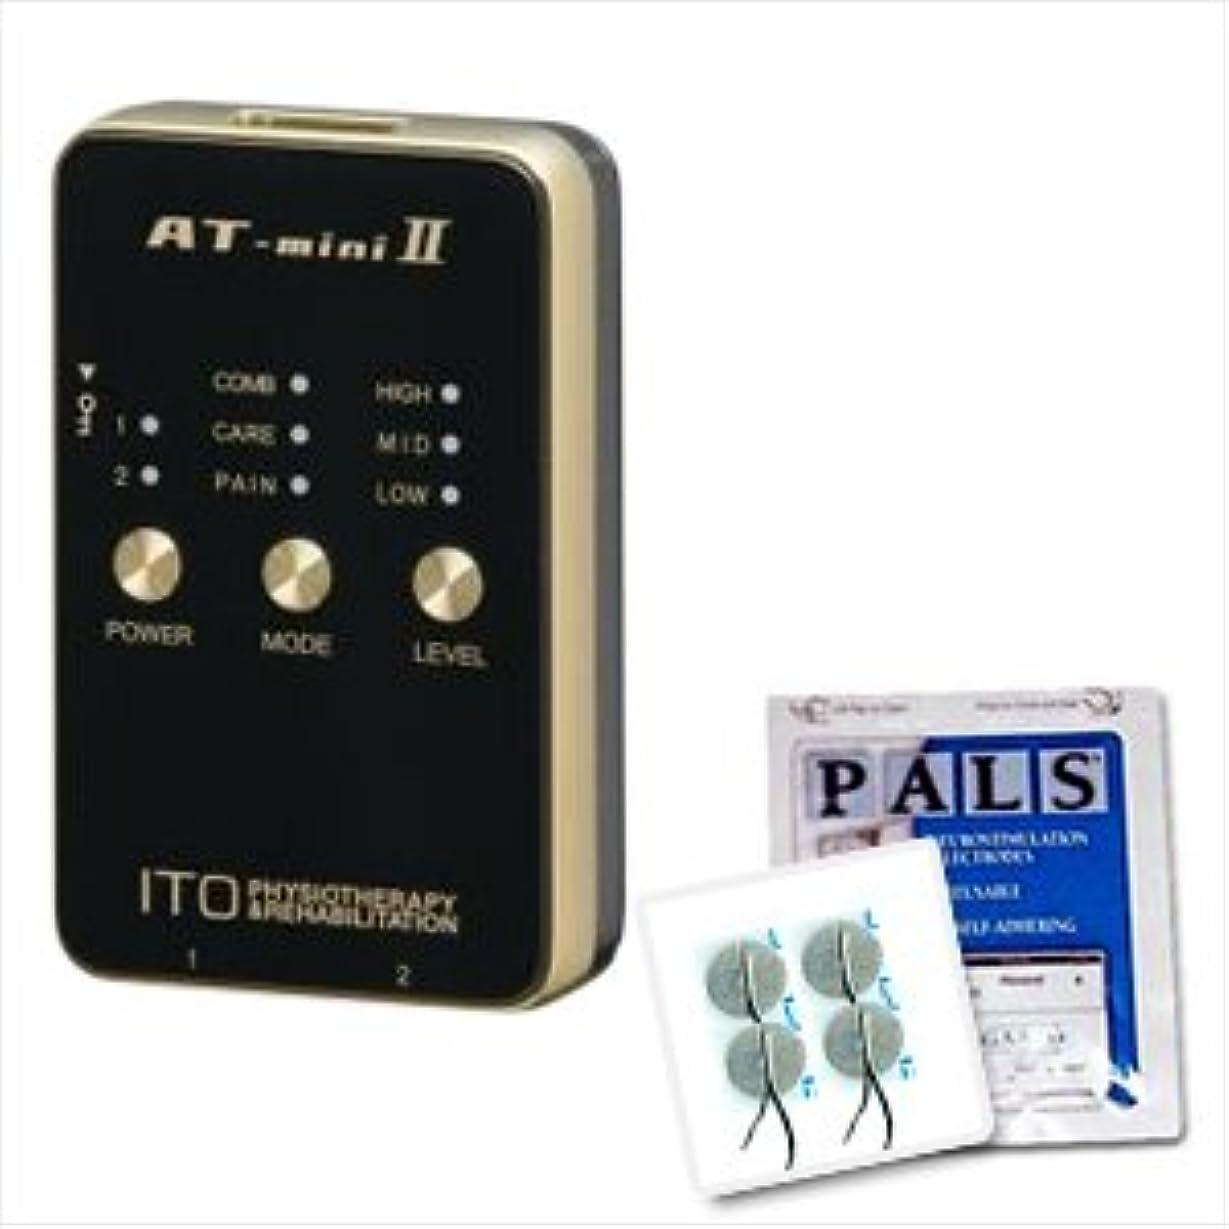 計り知れない公無駄低周波治療器 AT-mini II ブラック+アクセルガードSサイズ(円:直径3cm:1袋4枚入)セット